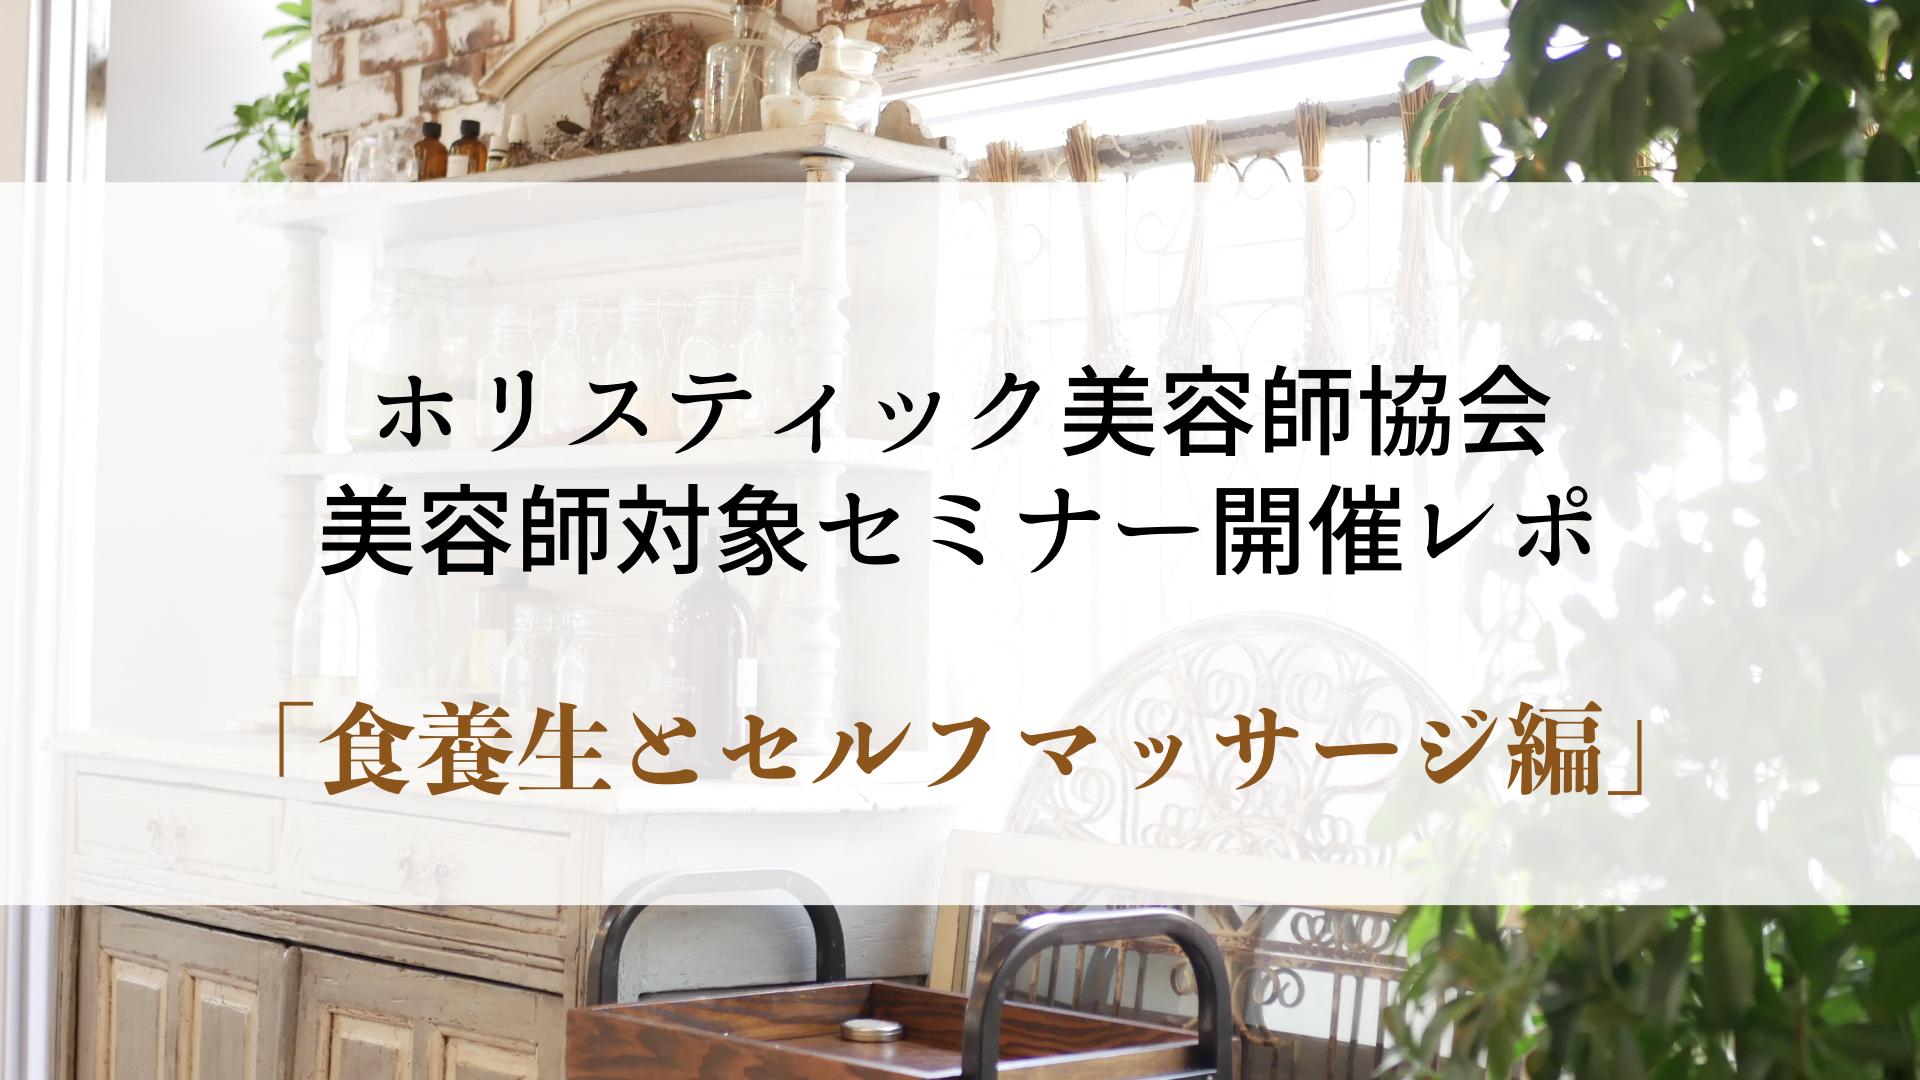 美容師対象・食養生とセルフマッサージセミナー開催!【ホリスティック美容師協会】